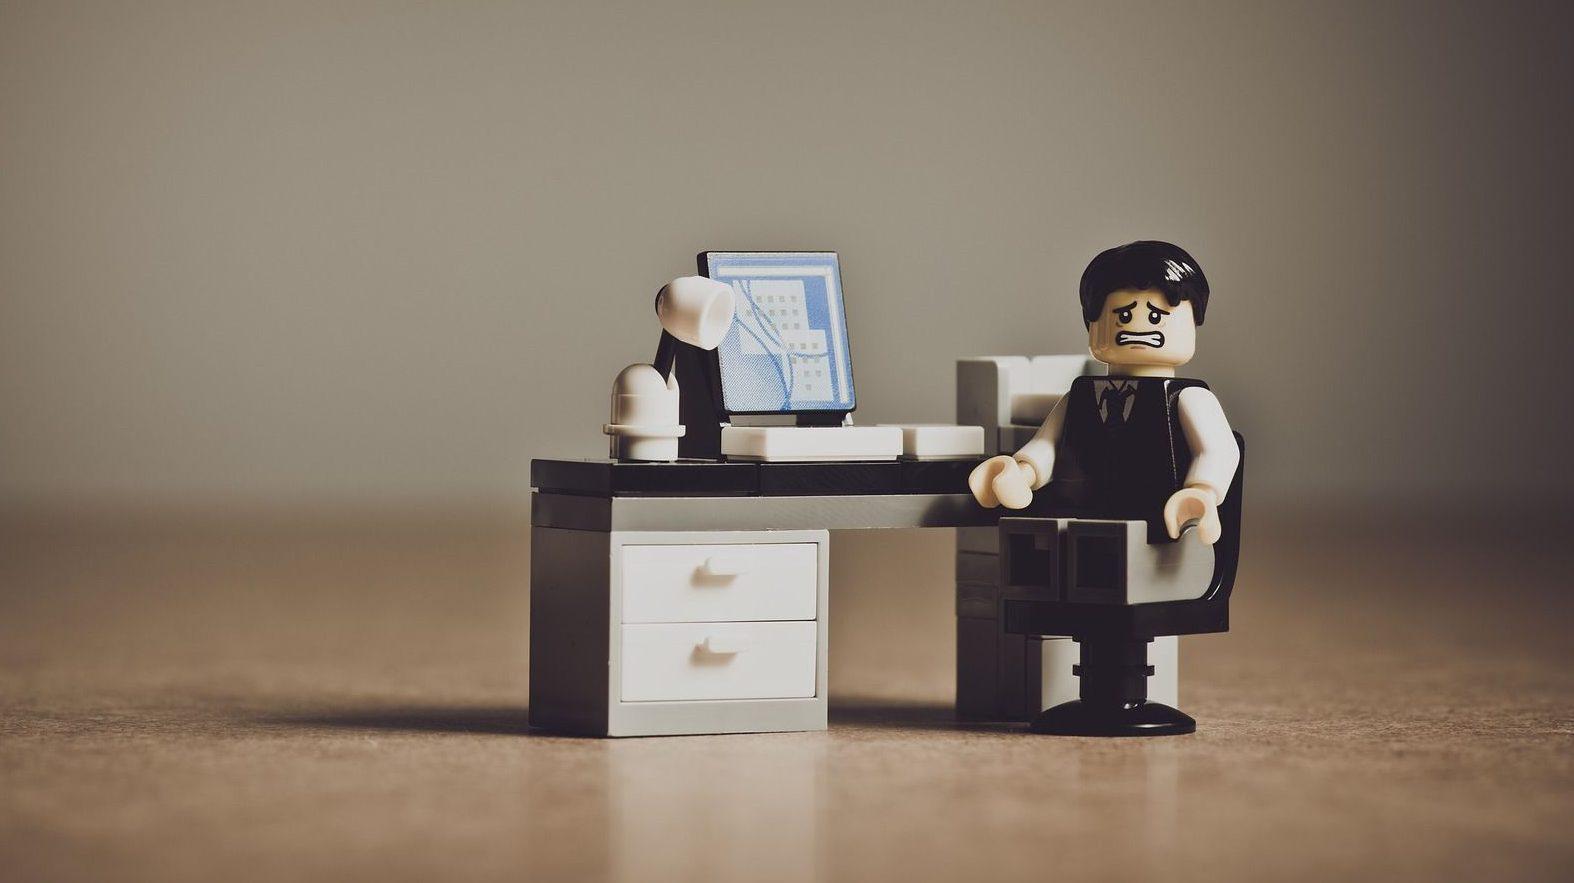 Lego businessman